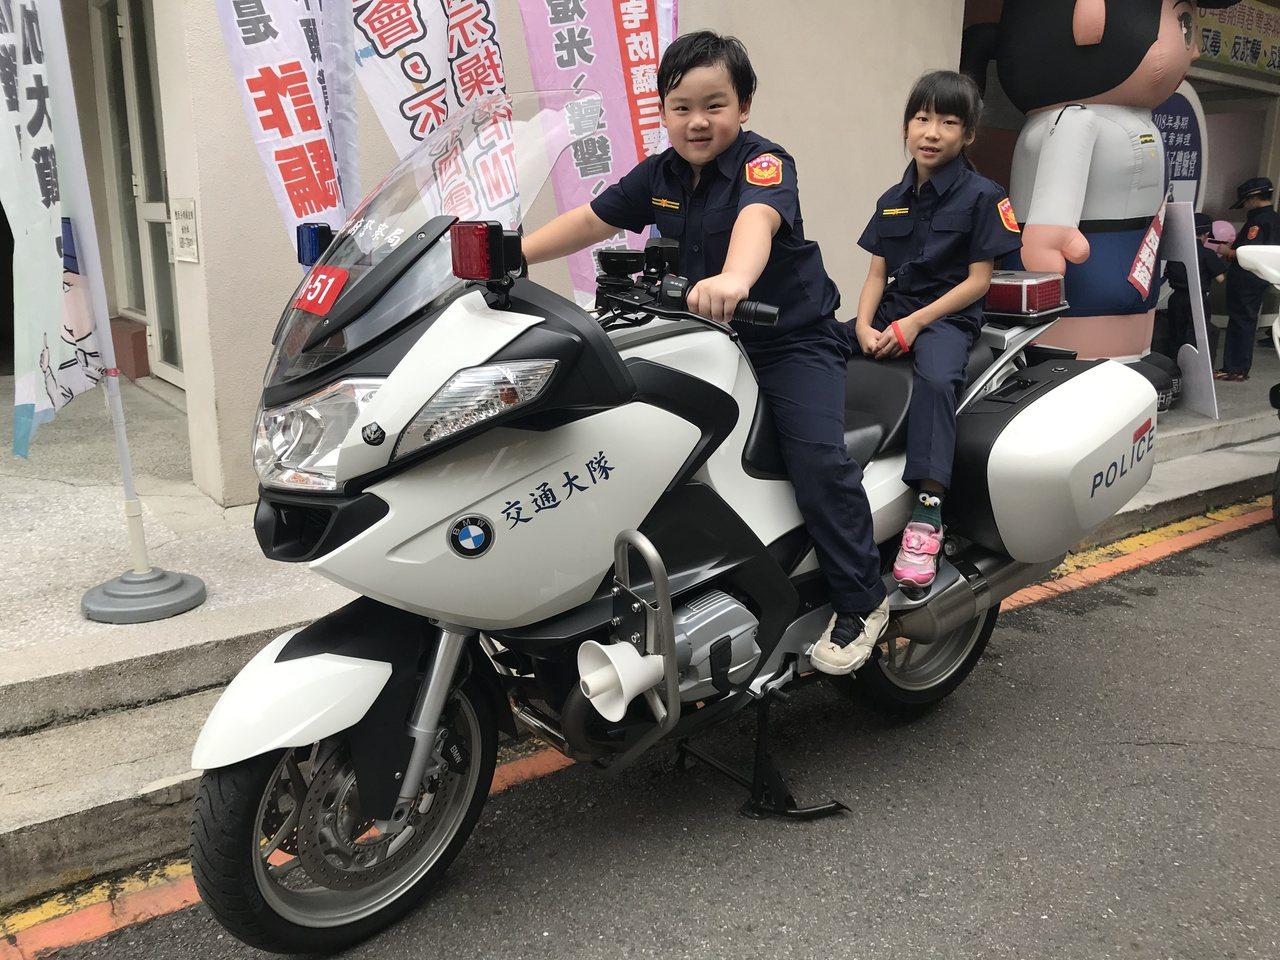 小朋友穿上迷你版新式警察制服,坐上警用重型機車,架式十足。記者林佩均/攝影